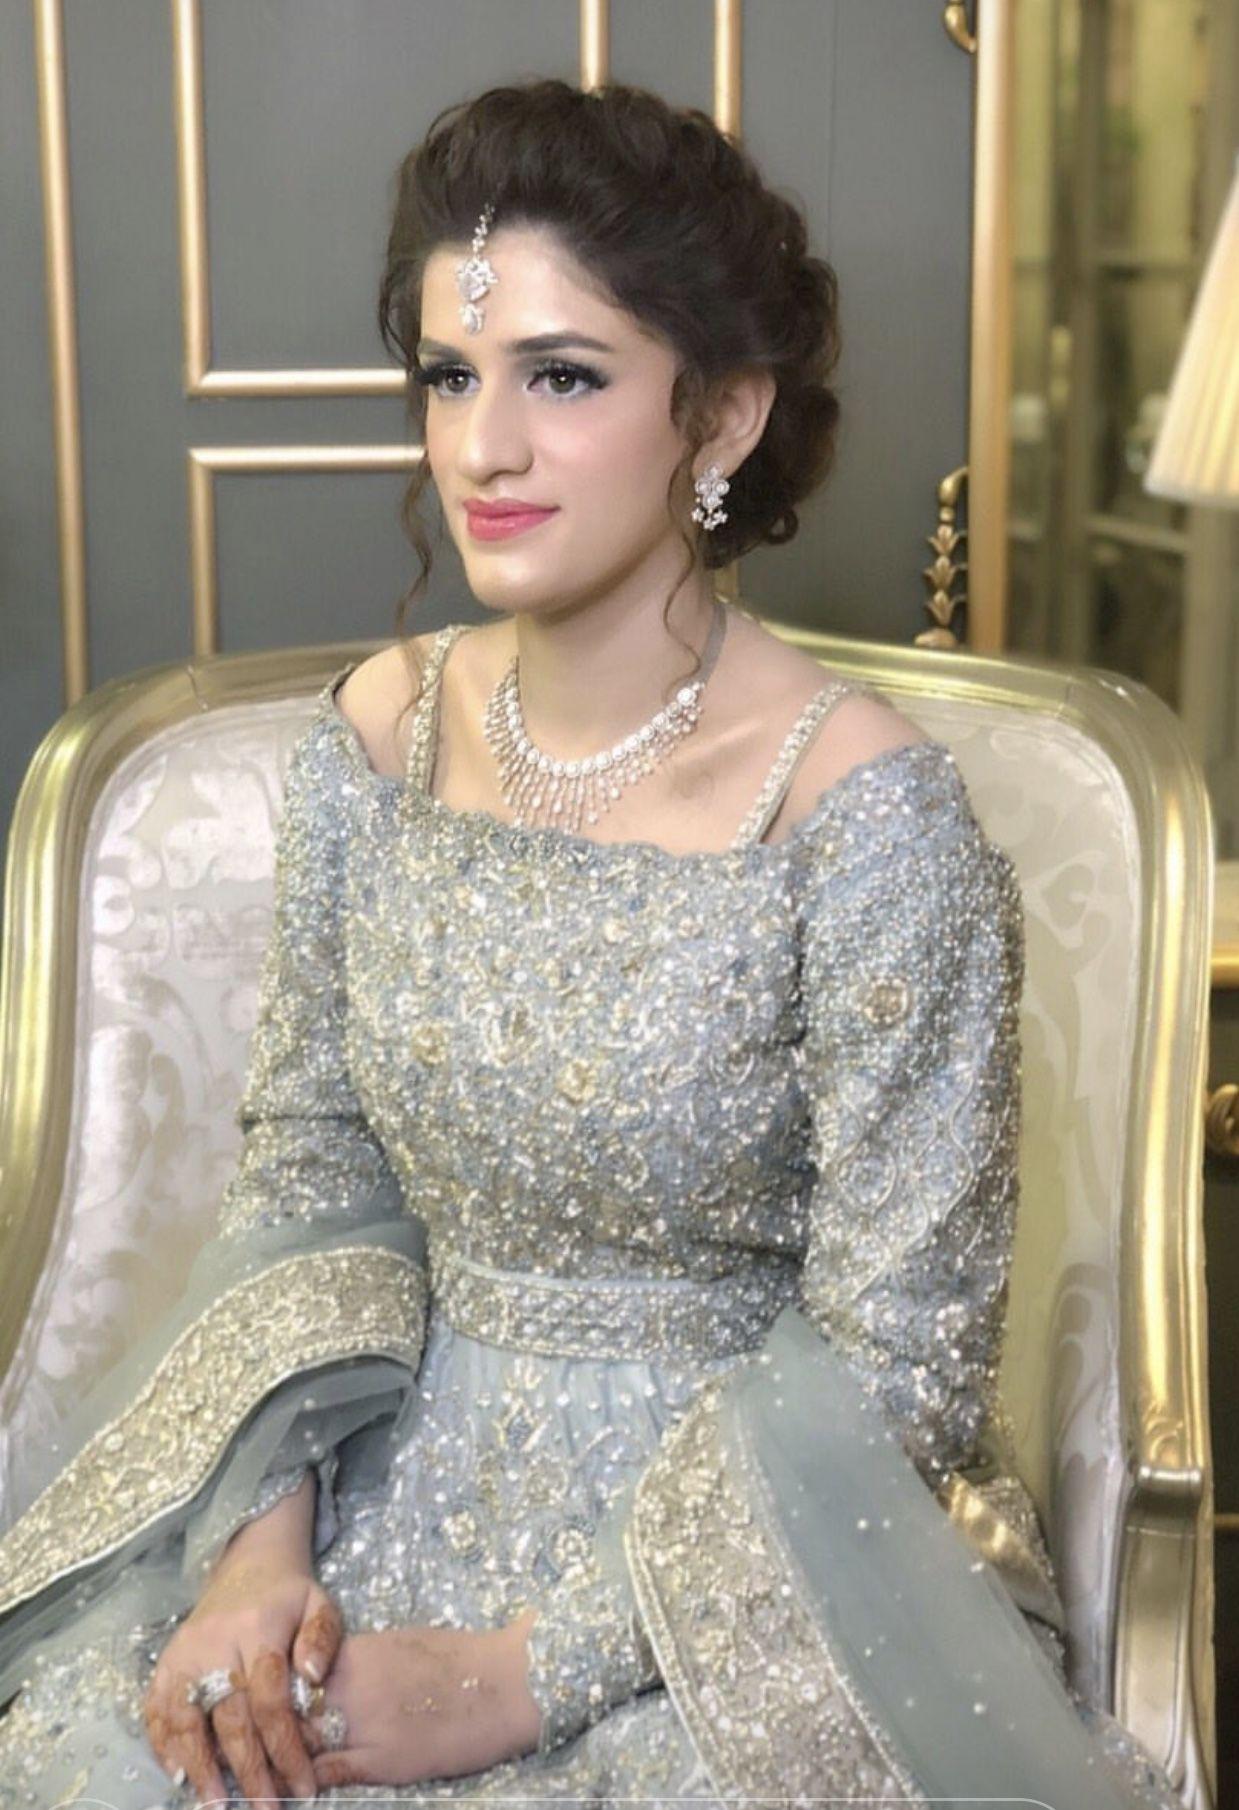 dress - Engagements asian dress ideas video